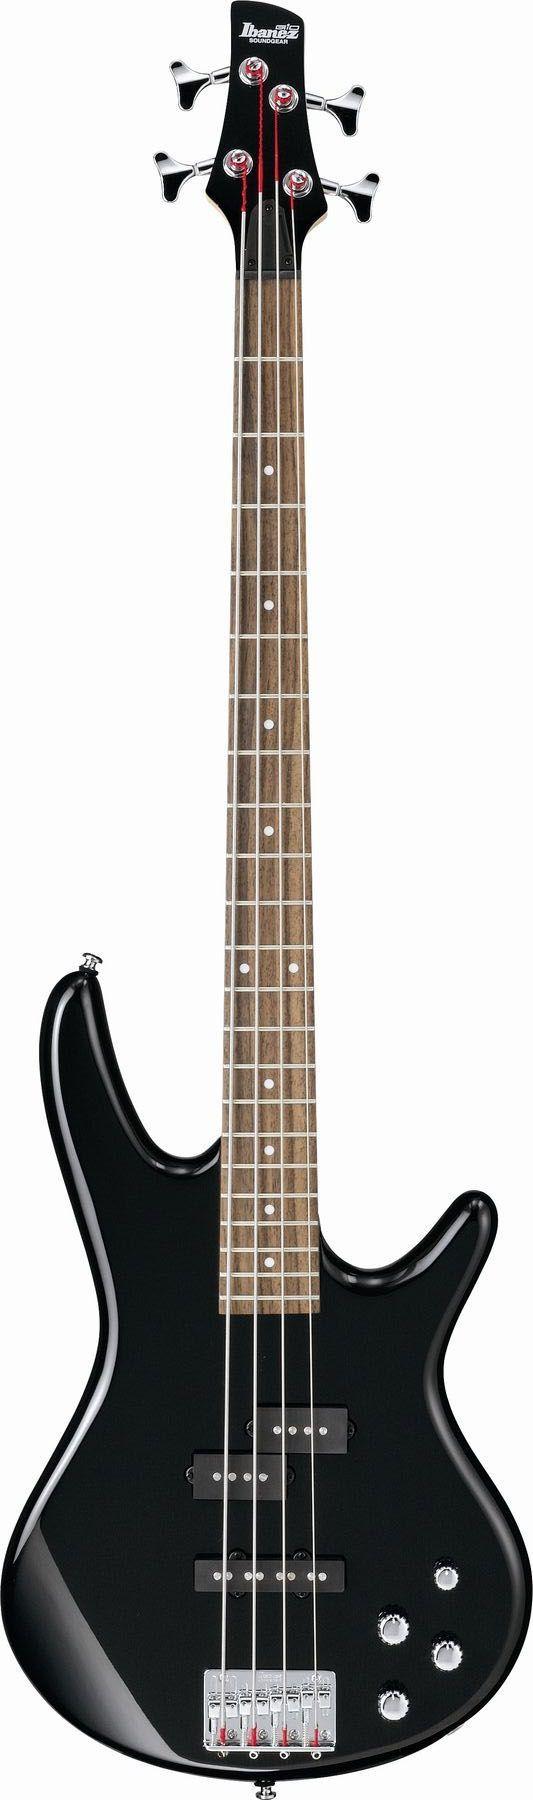 Ibanez GSR200 BK E-Bass